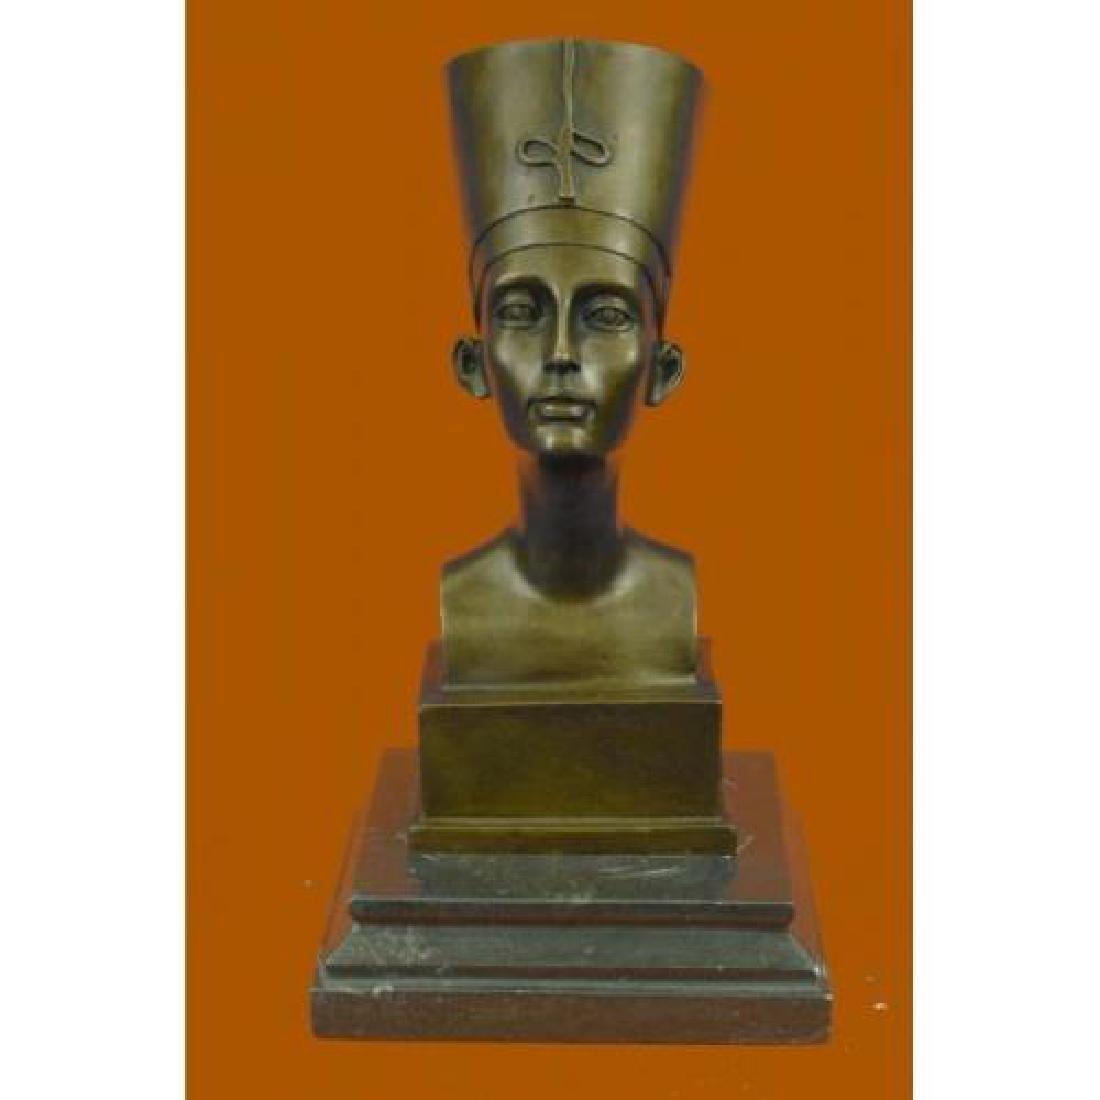 Miniature Nefertiti Bust Egyptian Queen Bronze